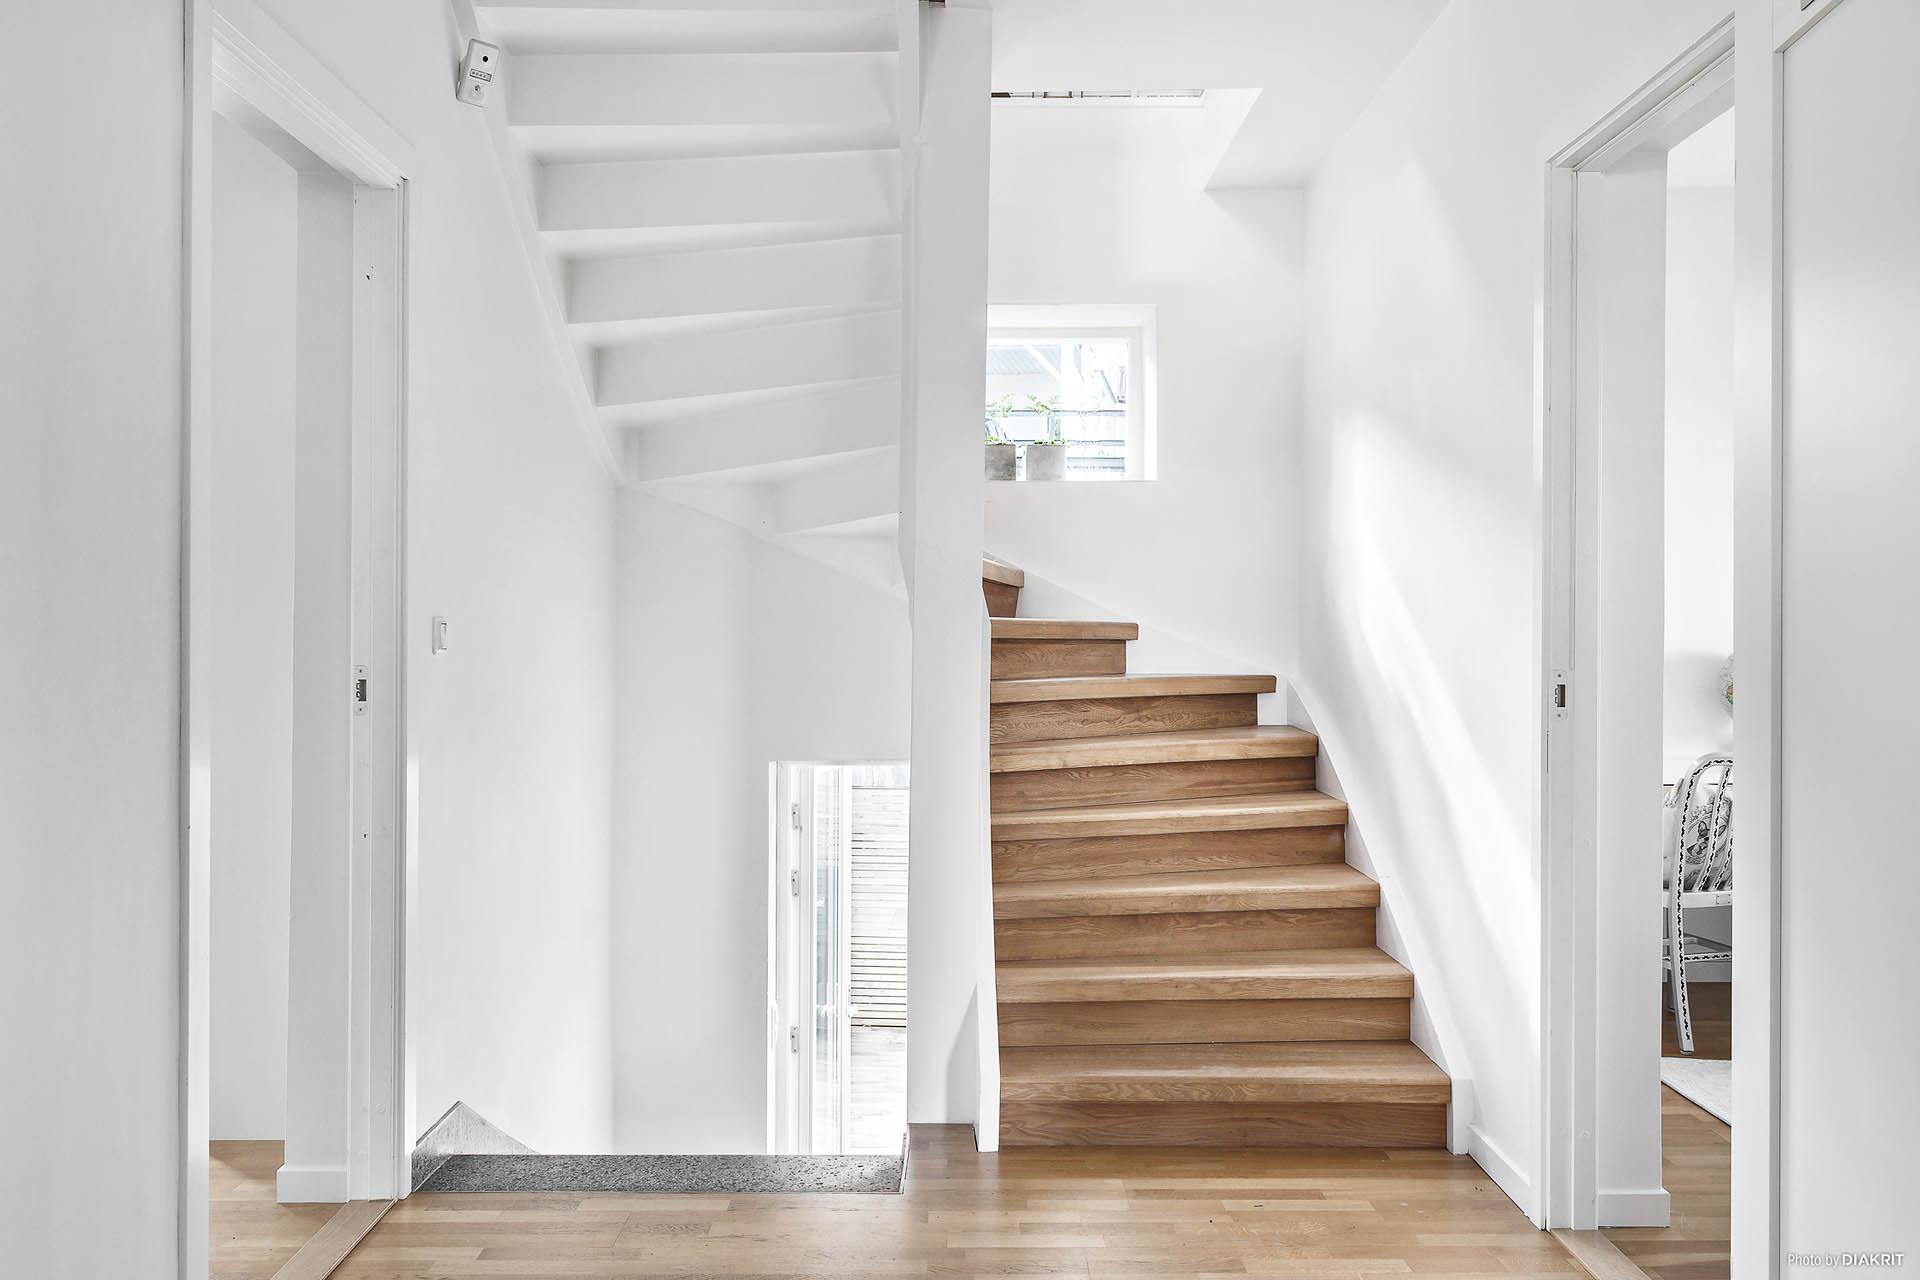 trappa från våning 2 upp till vindsplanet